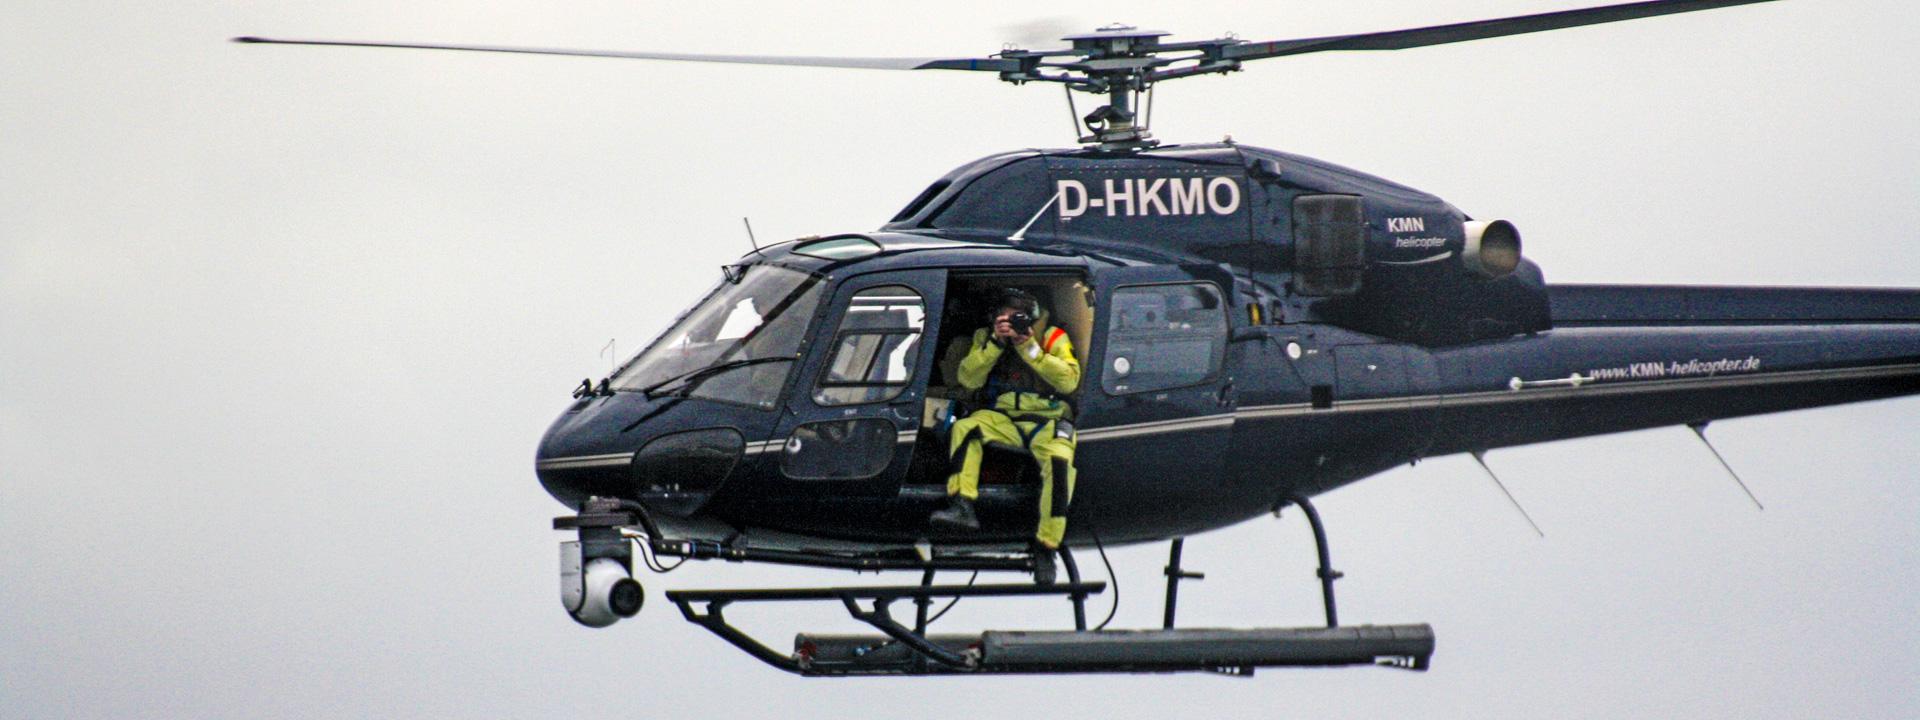 Luftaufnahmen aus dem Helicopter heraus